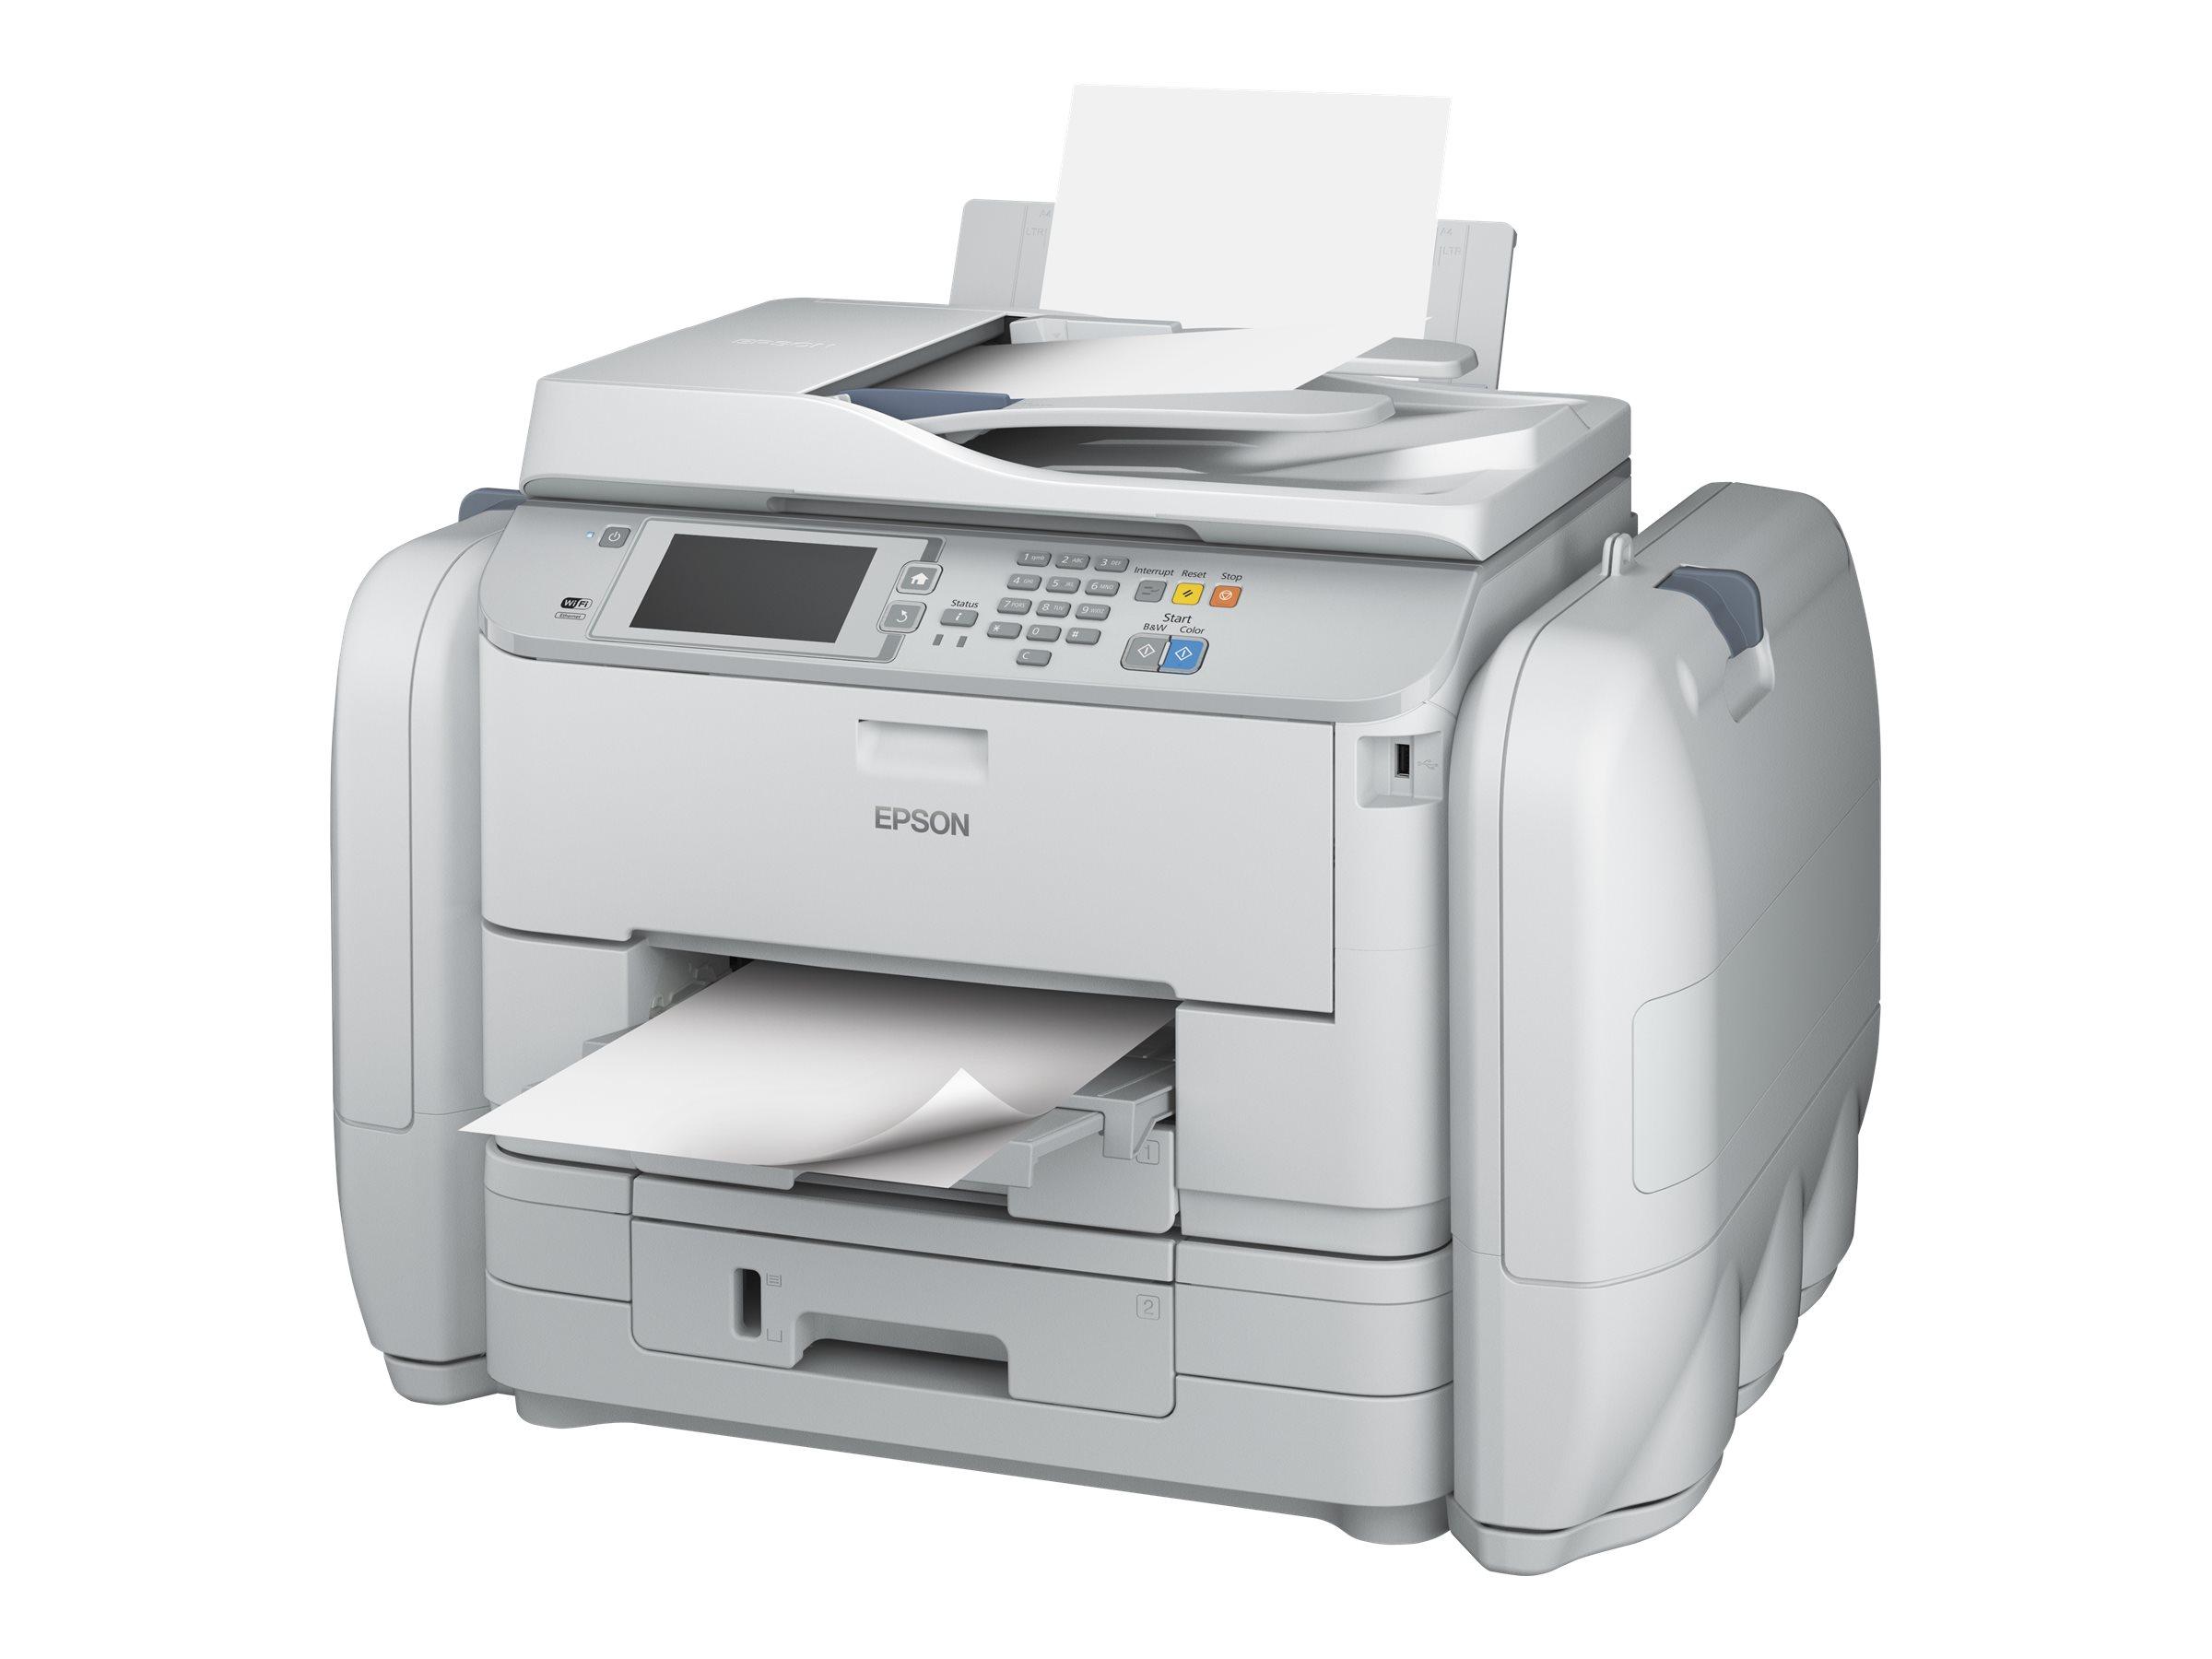 Epson WorkForce Pro WF-R5690 DTWF Flex BAM - Multifunktionsdrucker - Farbe - Tintenstrahl - A4/Legal (Medien) - bis zu 34 Seiten